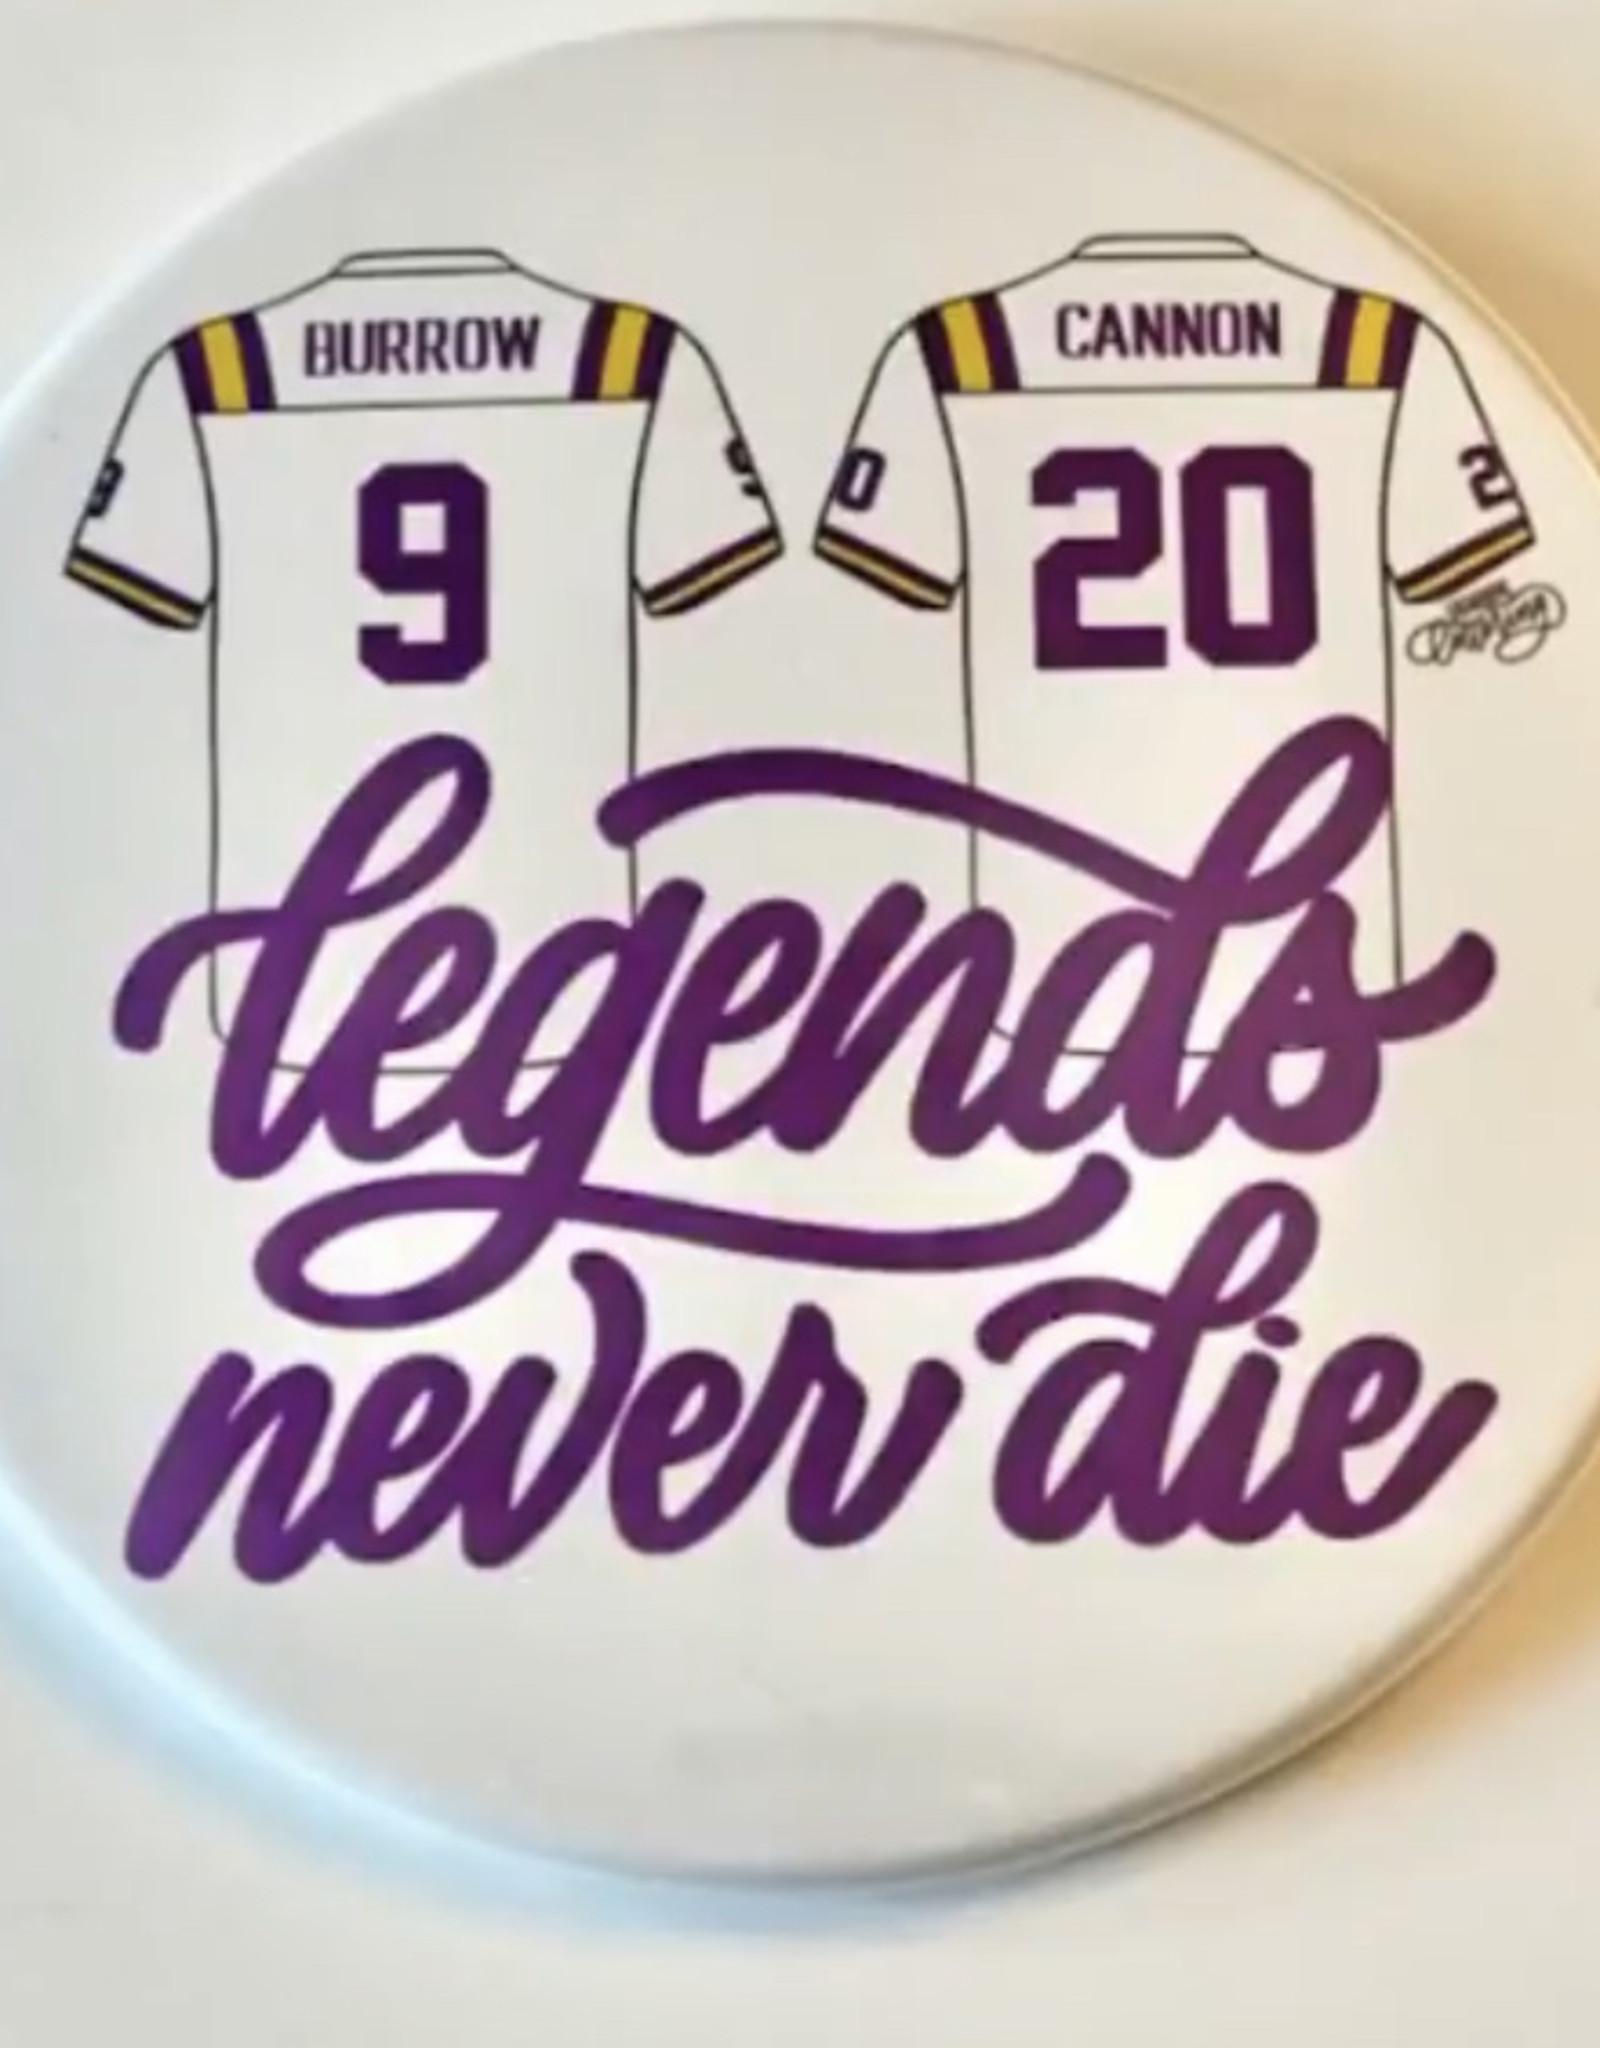 Lagniappe Lettering Legends Never Die Buttons